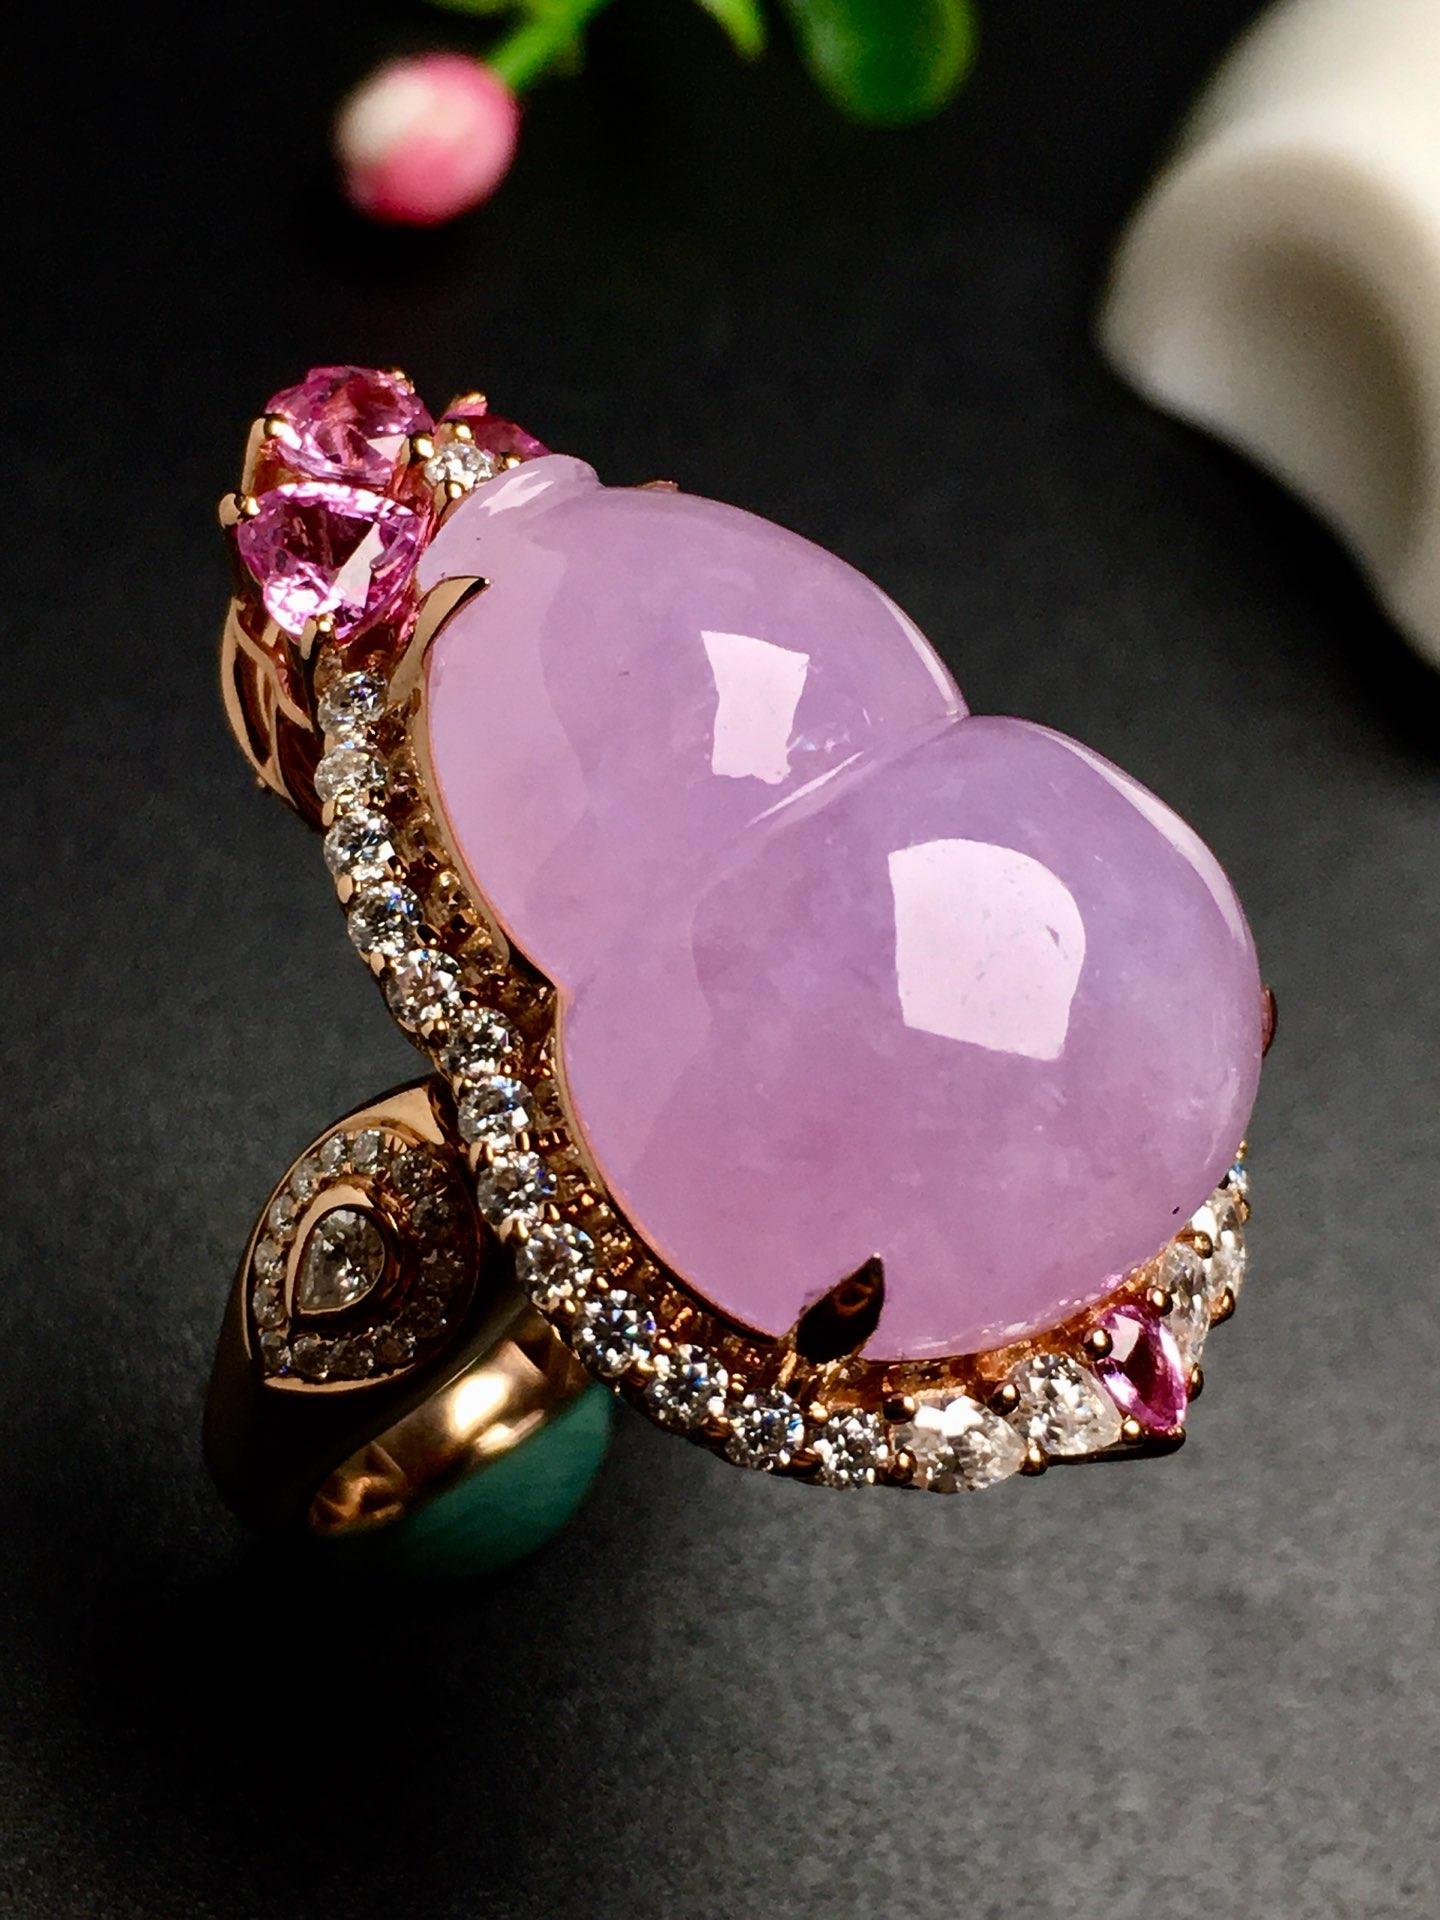 冰紫葫芦吊坠,两用款,饱满,戒指内圈17裸石尺寸22-16.6-6.5